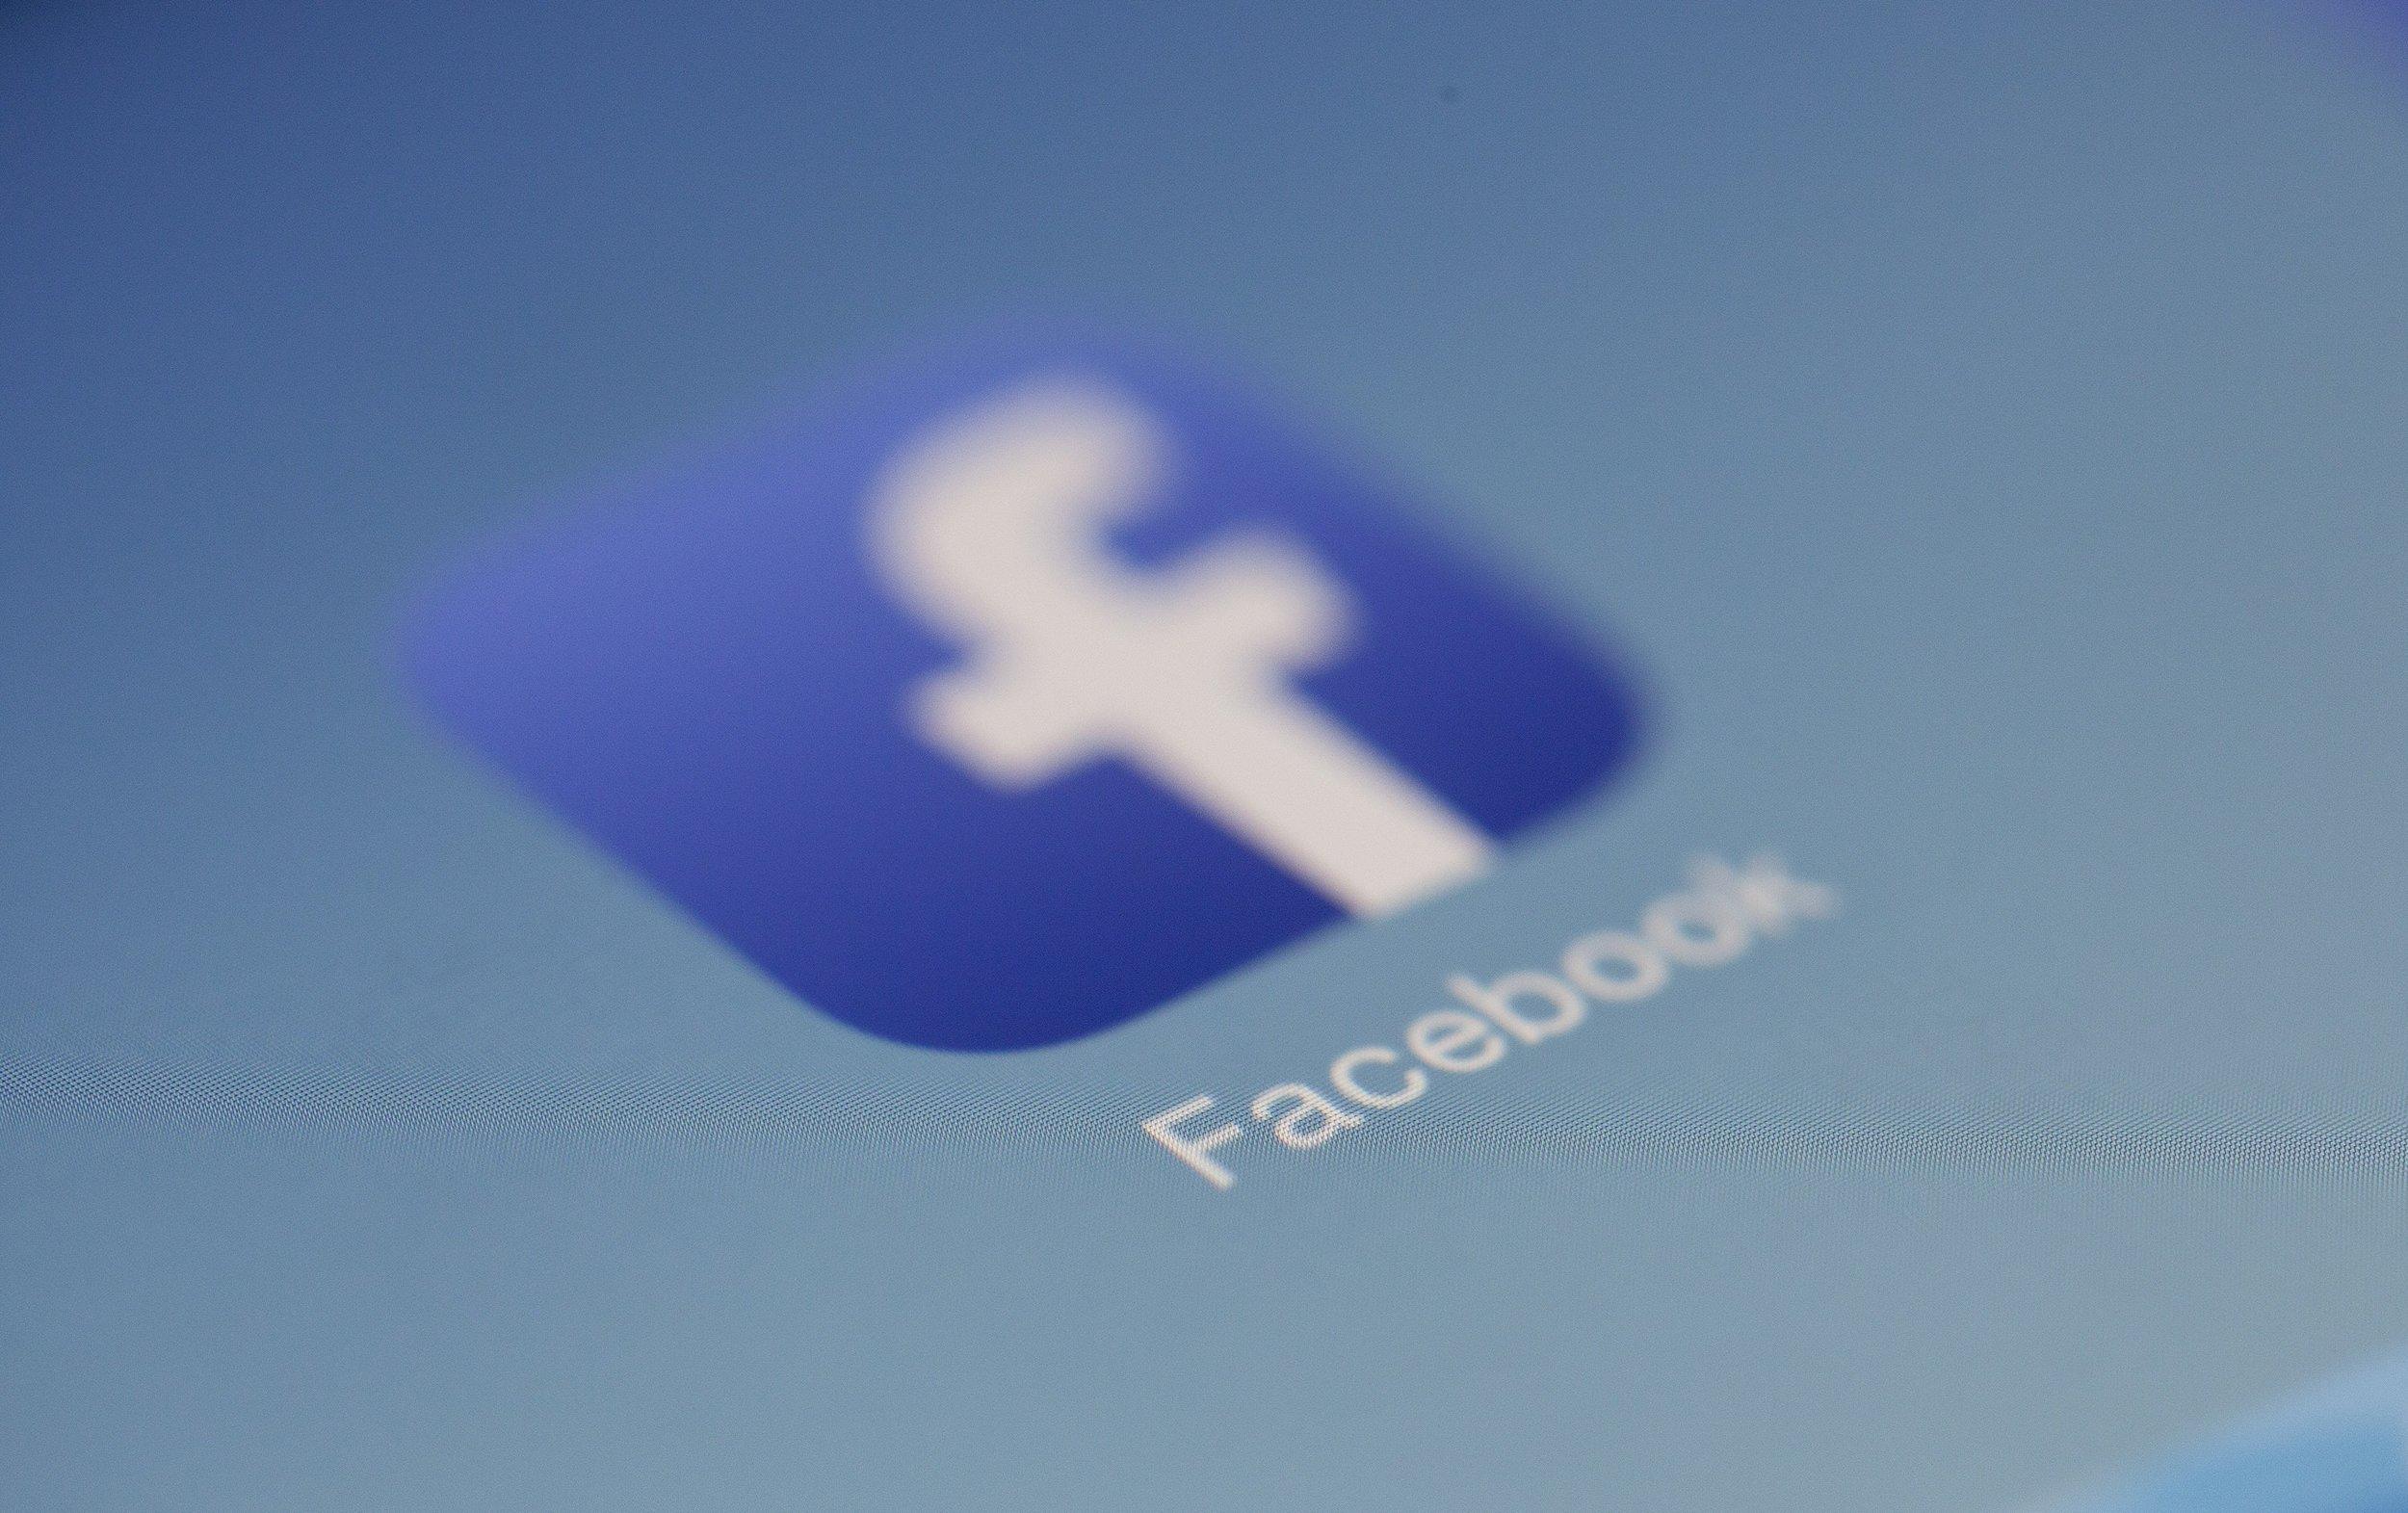 I 2004 lanserte Mark Zuckerberg nettsamfunnet Facebook, og har i dag over 1,7 milliarder aktive brukere hver dag